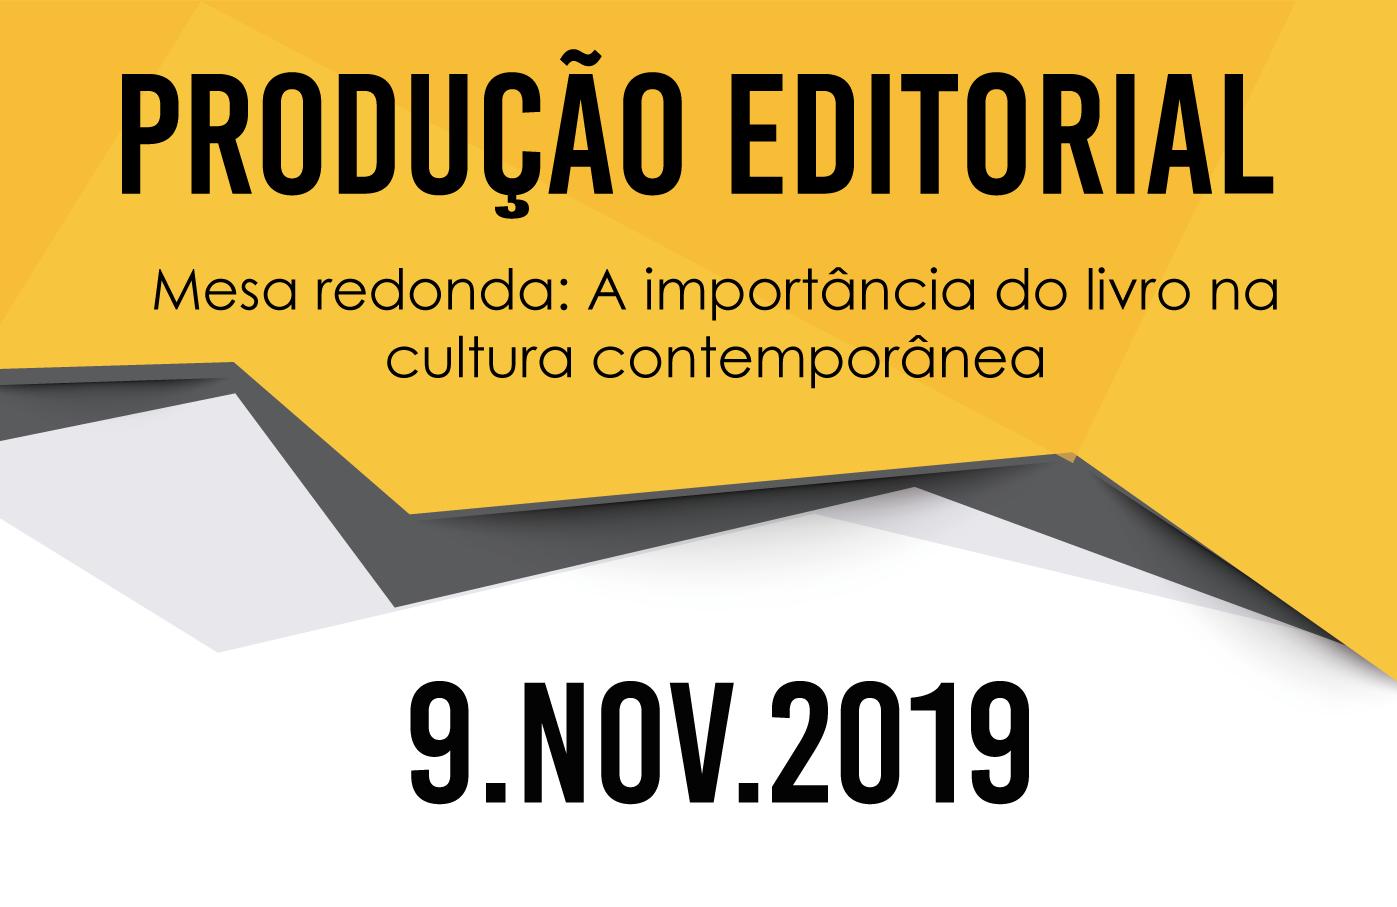 Mesa-redonda Produção Editorial